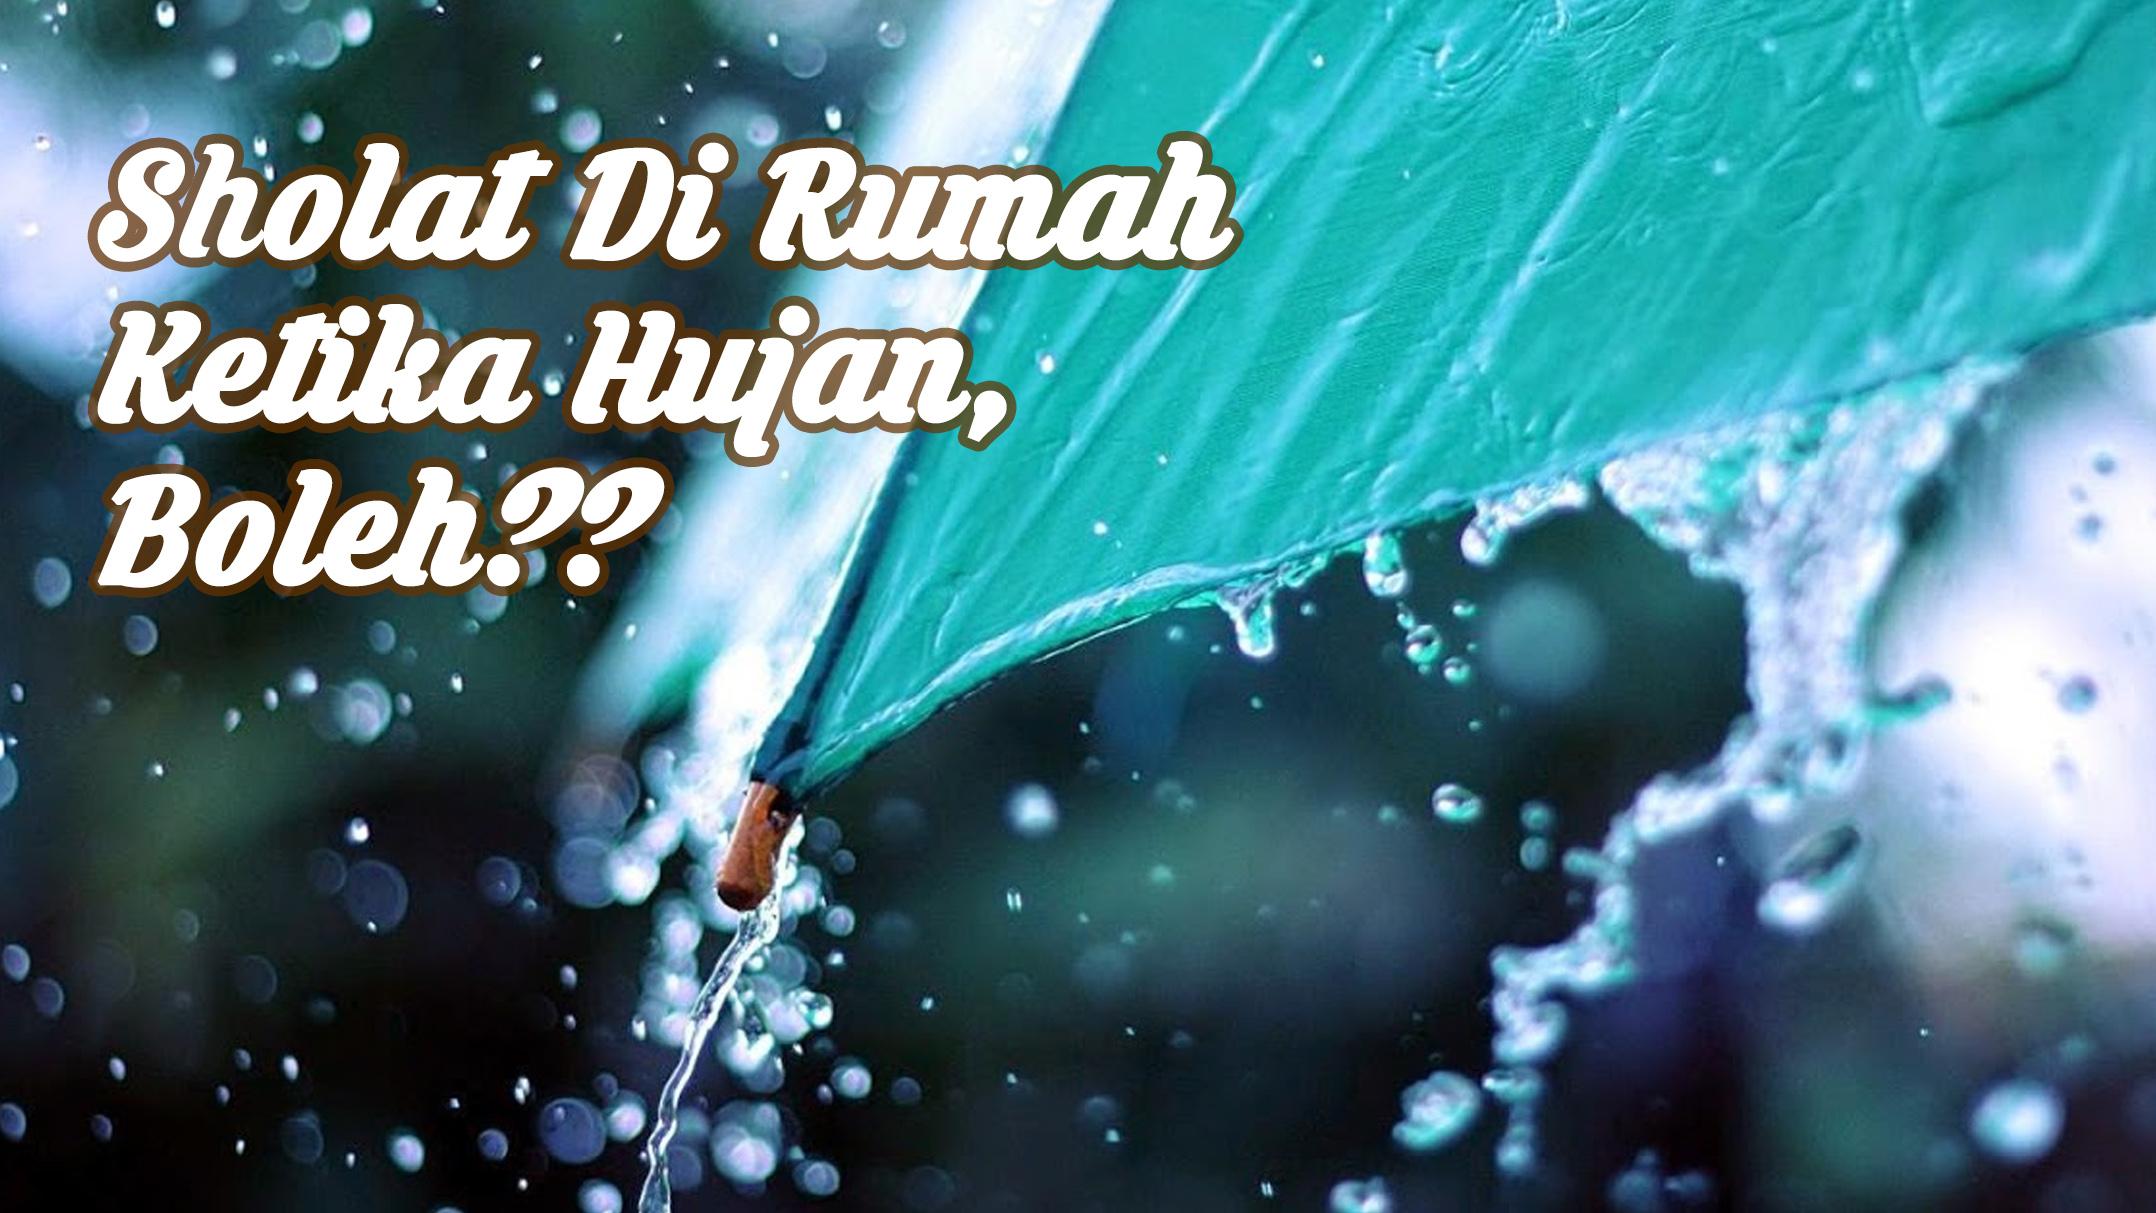 Sholat Di Rumah Ketika Hujan, Diperbolehkan??